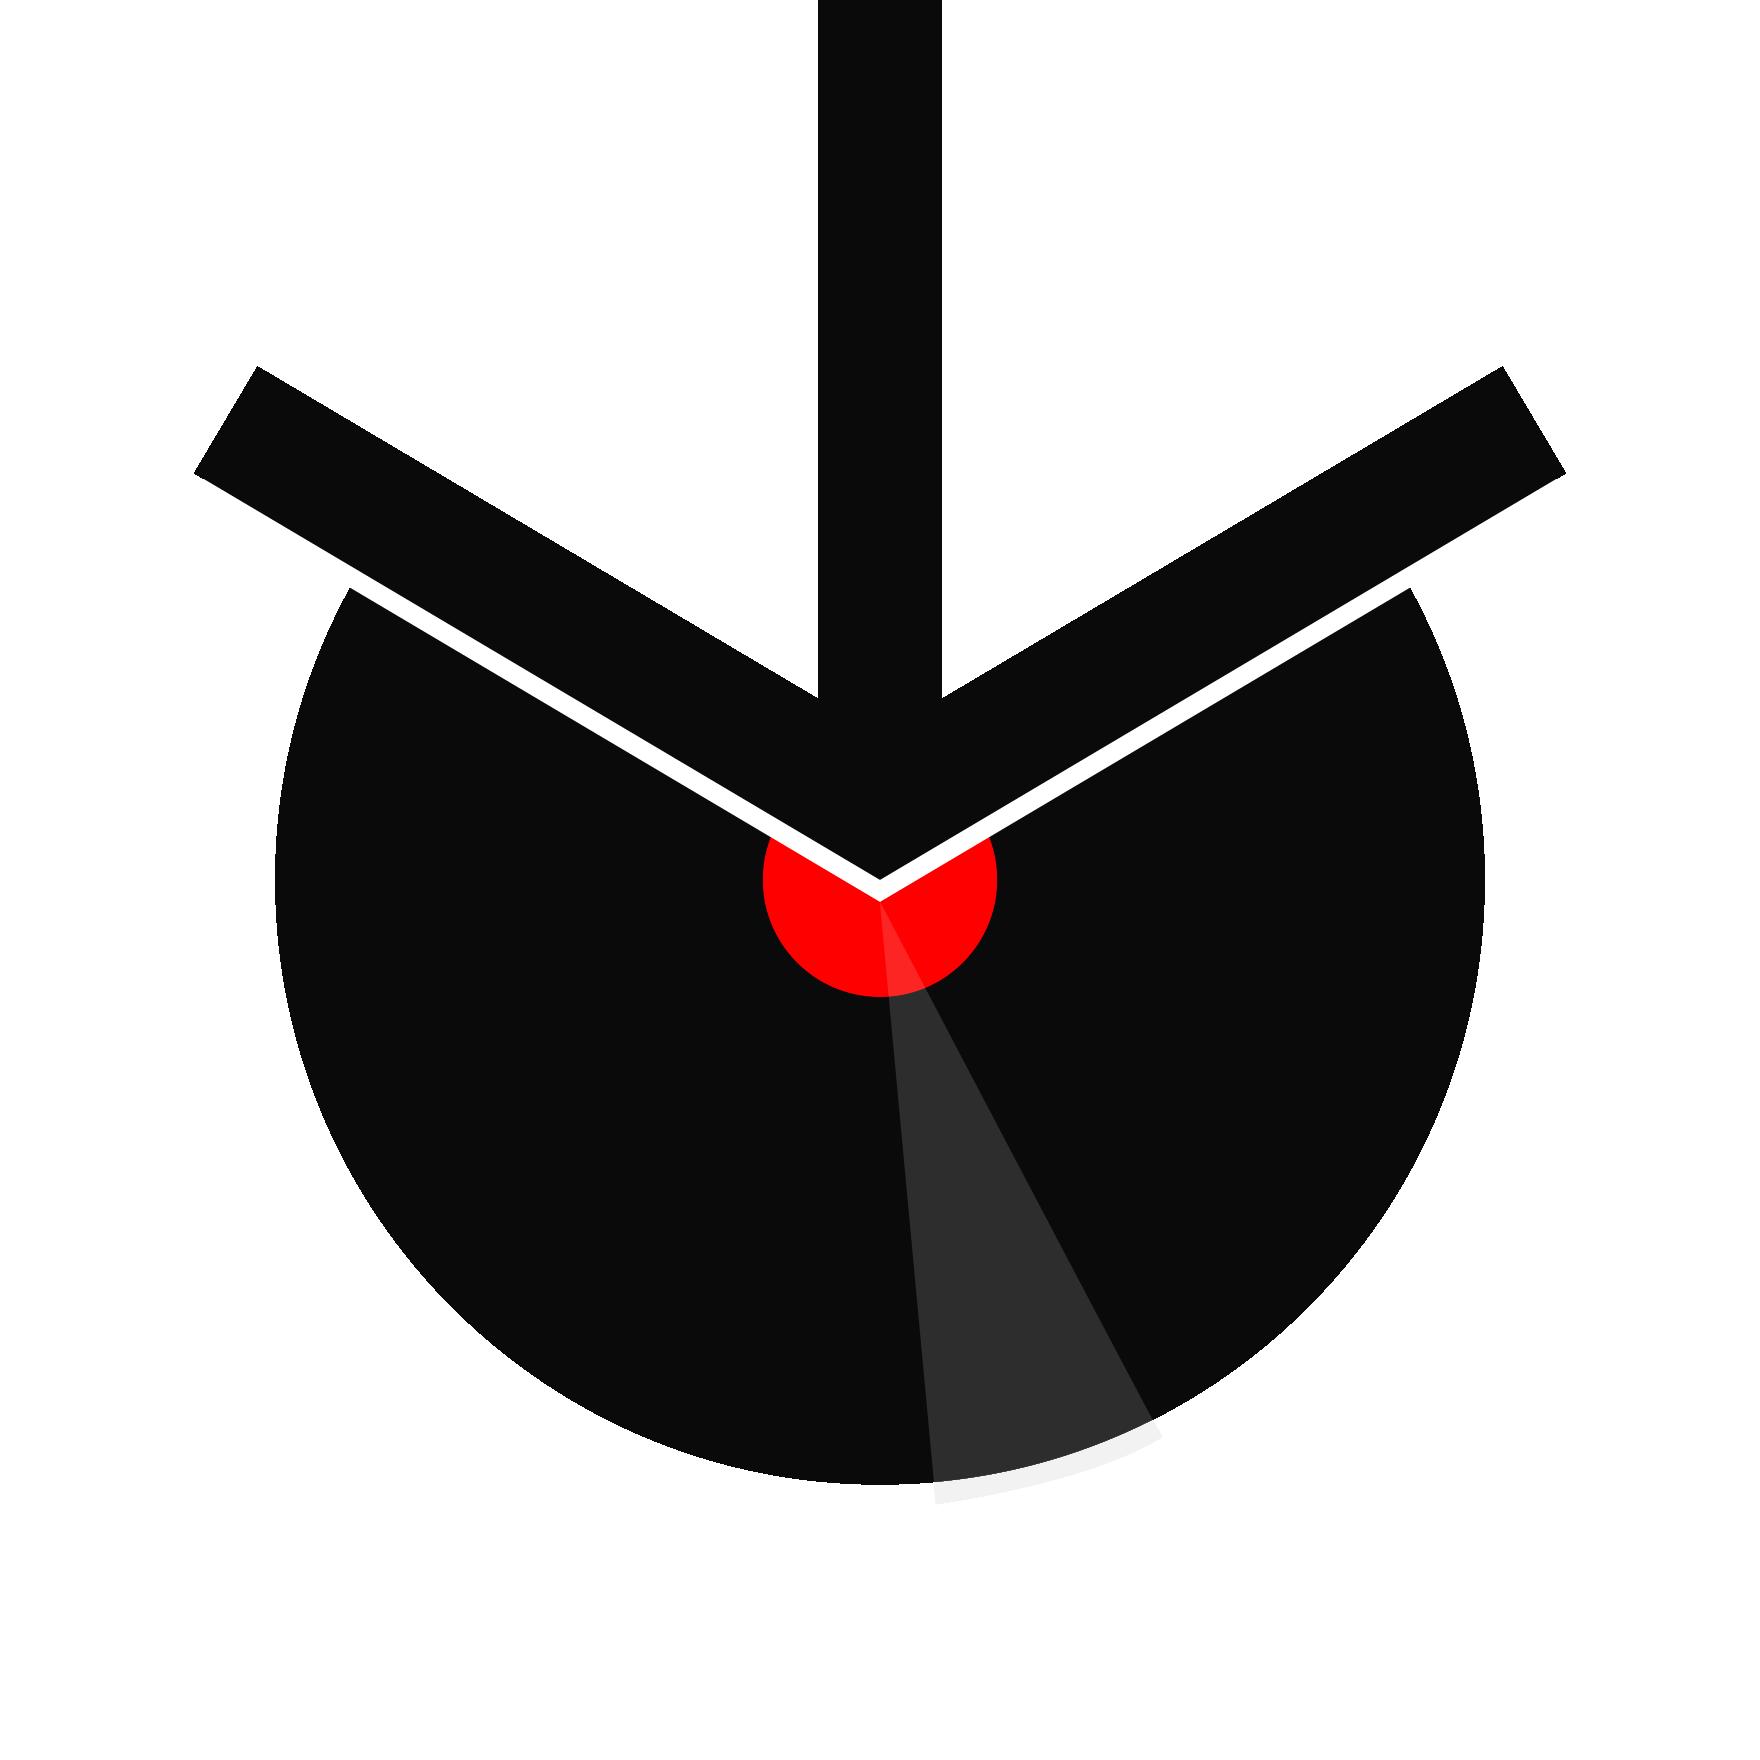 Un logo compris d'un vinyle à étiquette rouge avec une flèche de téléchargement par-dessus